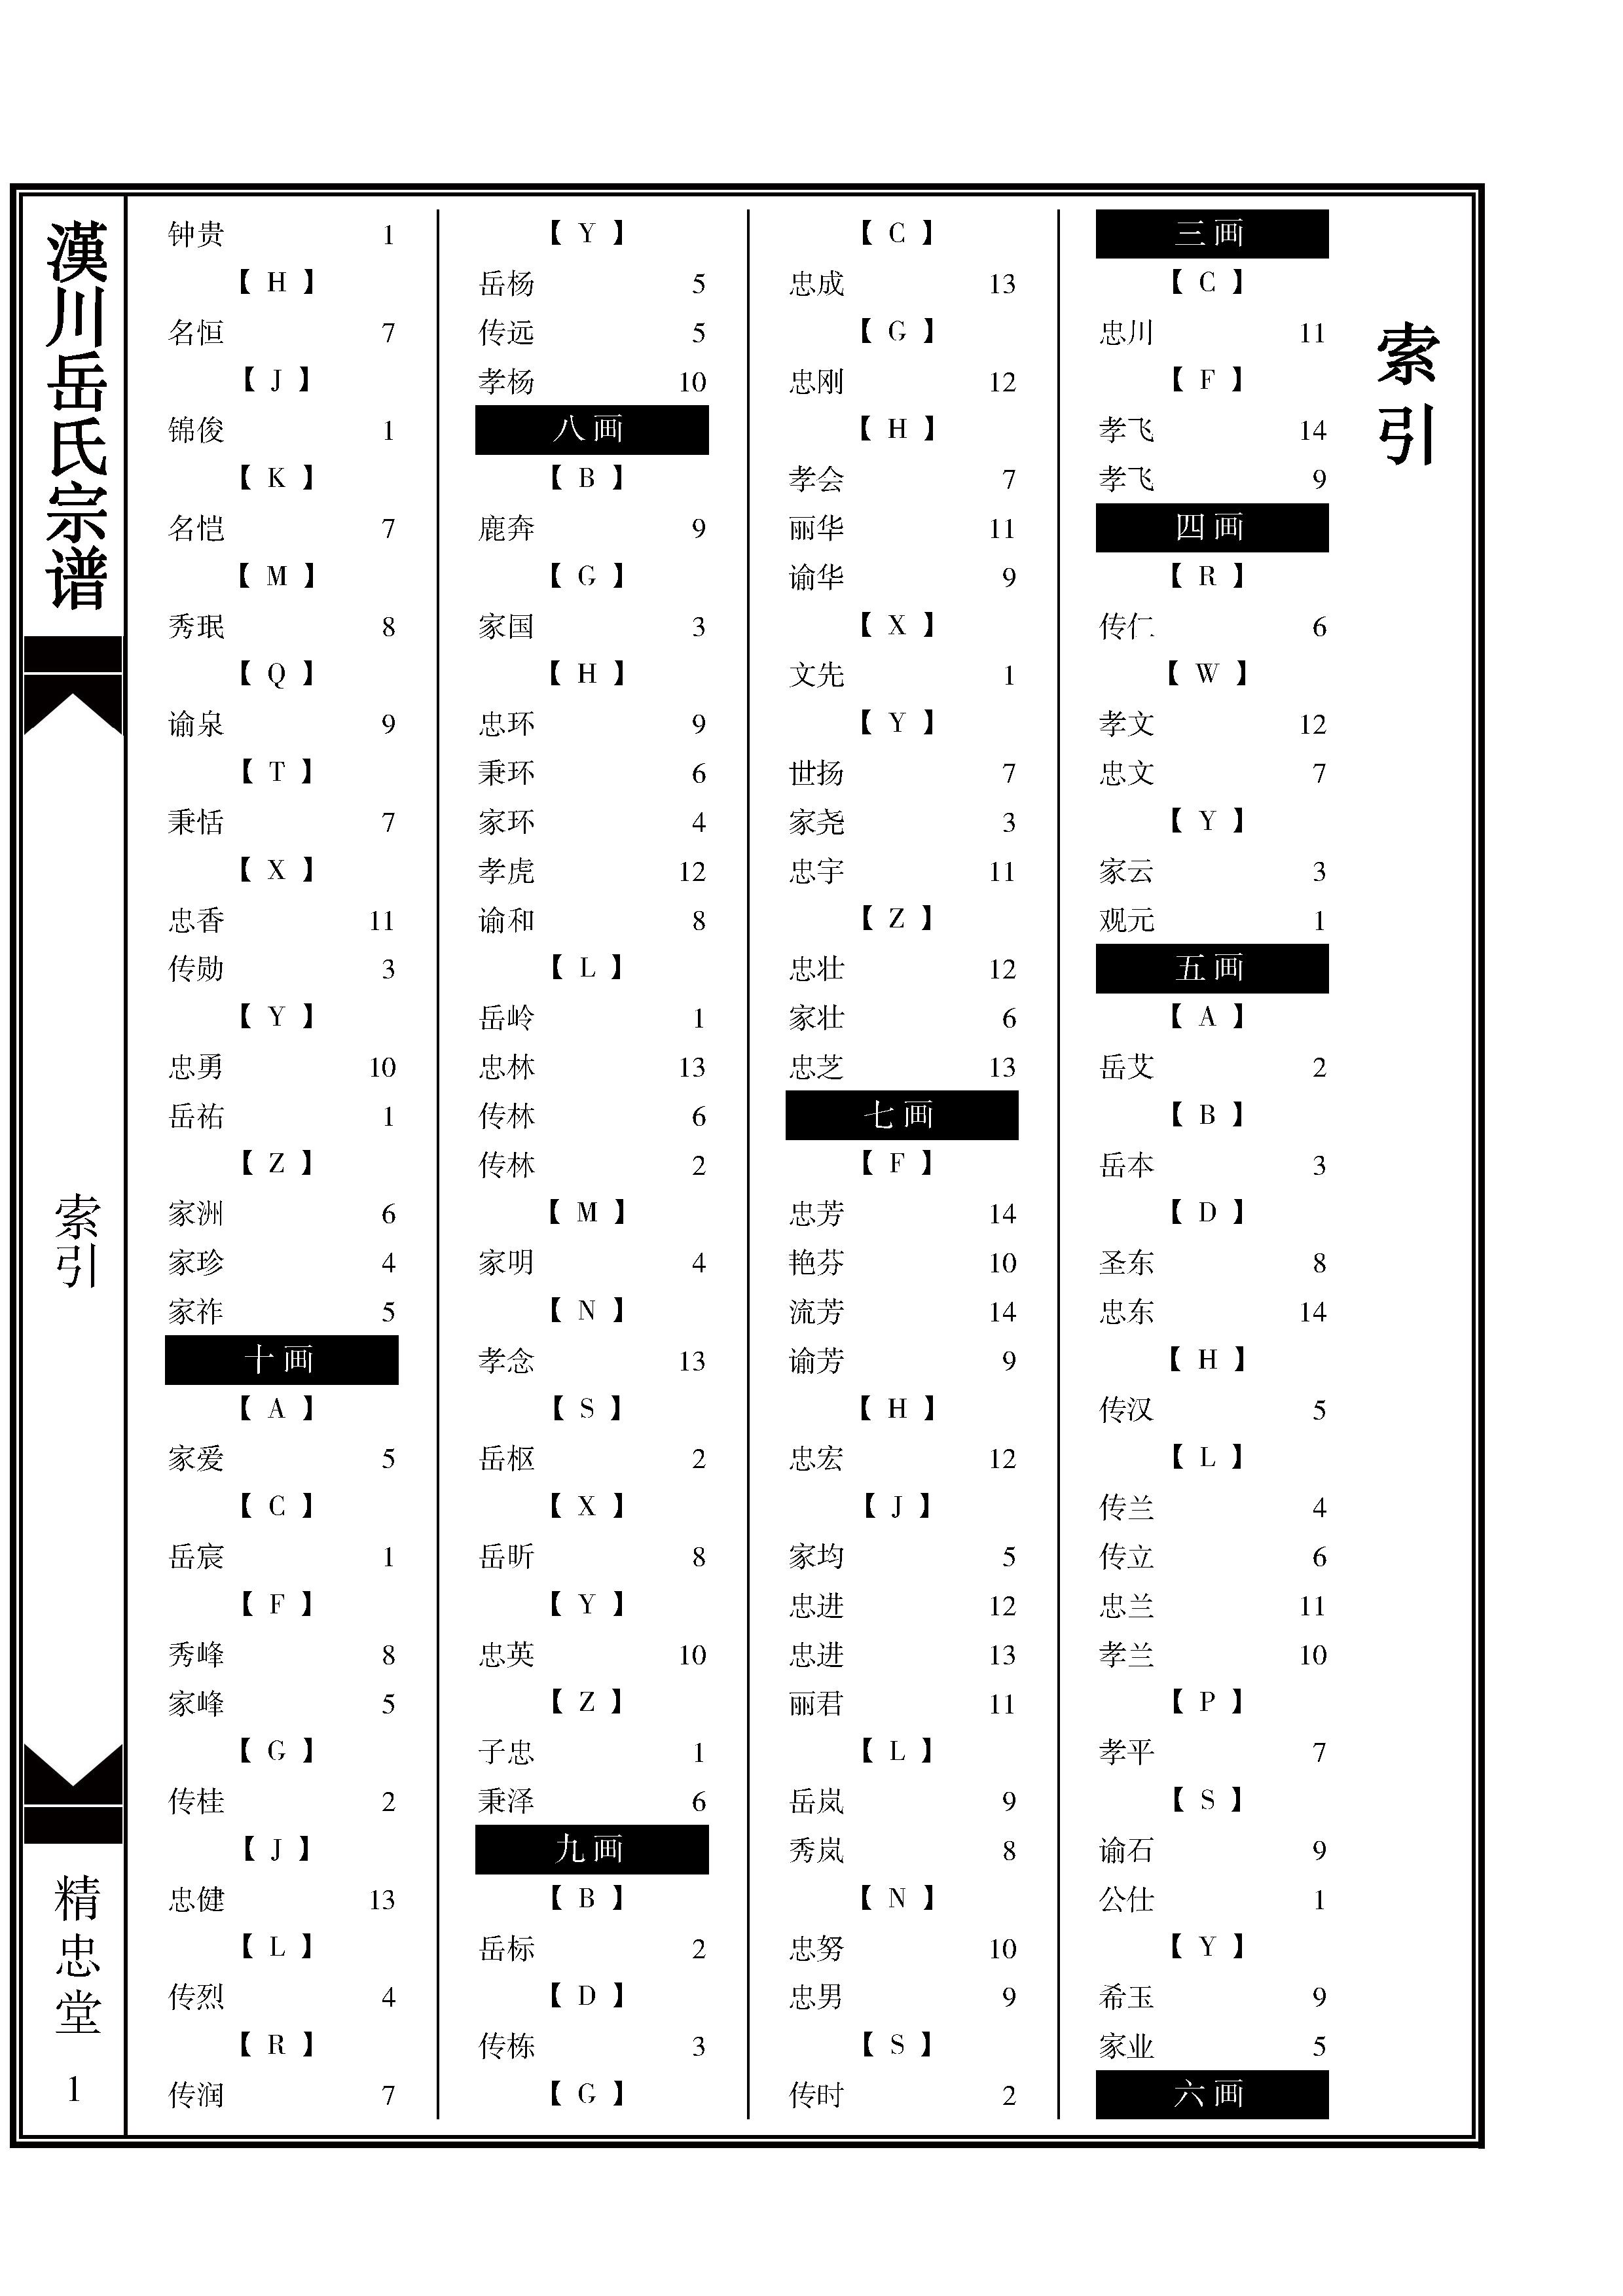 页面提取自-15古典简吊欧式_页面_2